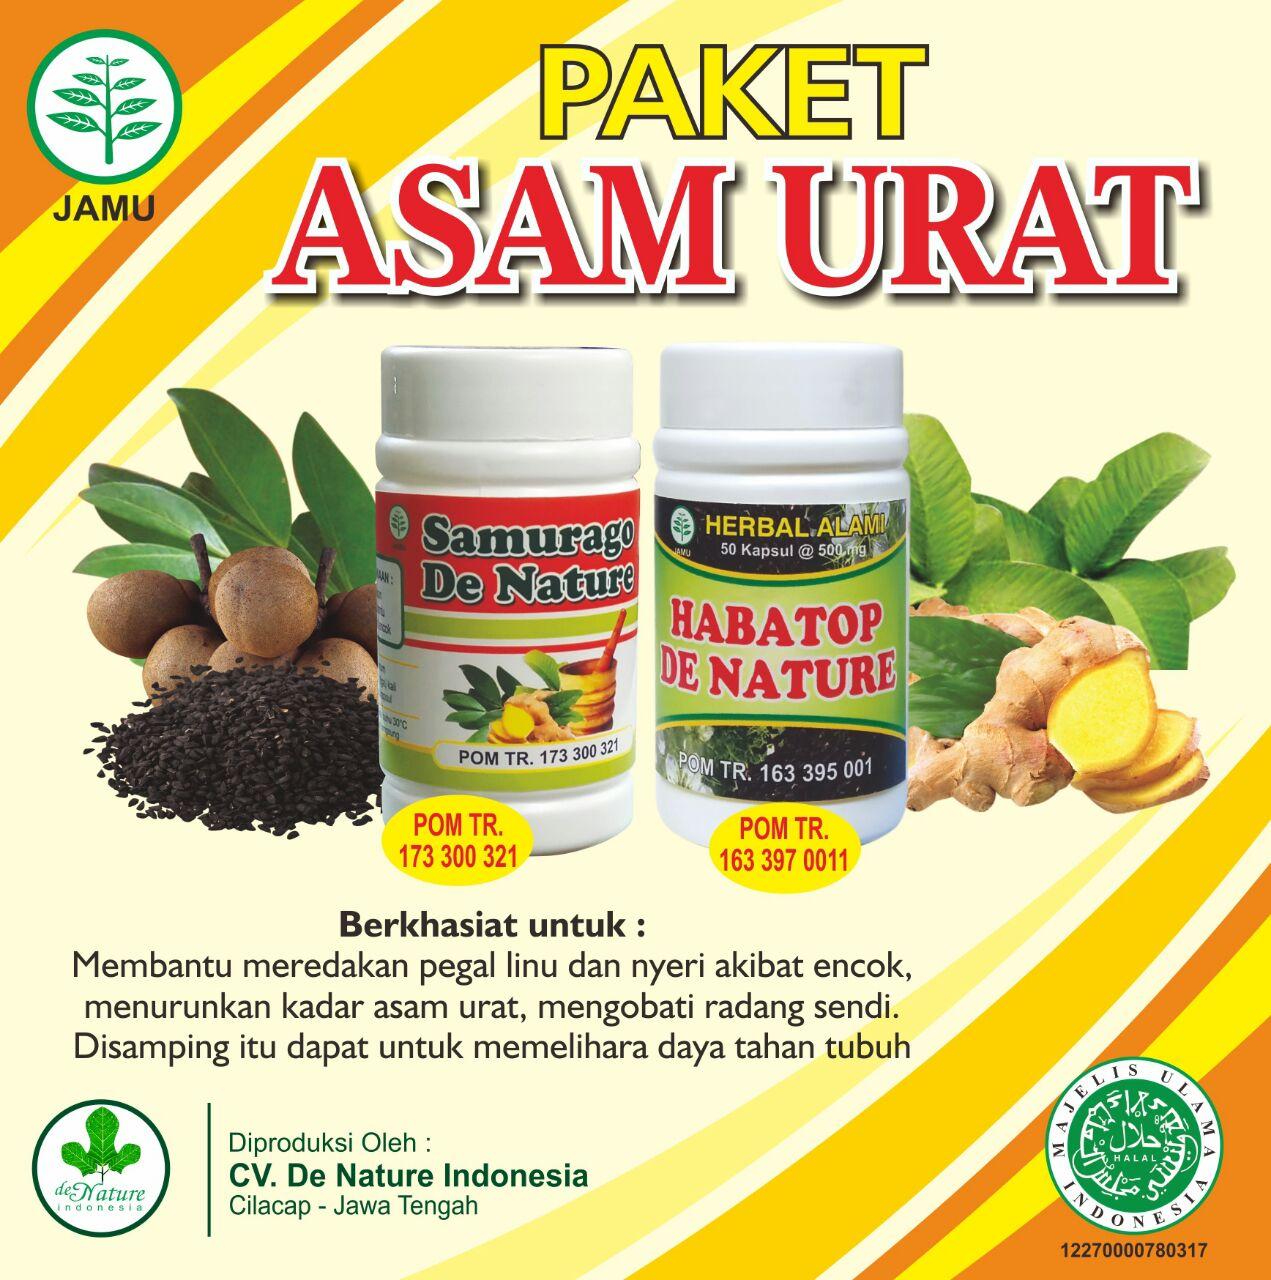 asam urat obat alami, obat untuk asam urat, obat herbal asam urat, obat asam urat tradisional,   obat kolesterol, obat kolesterol dan asam urat